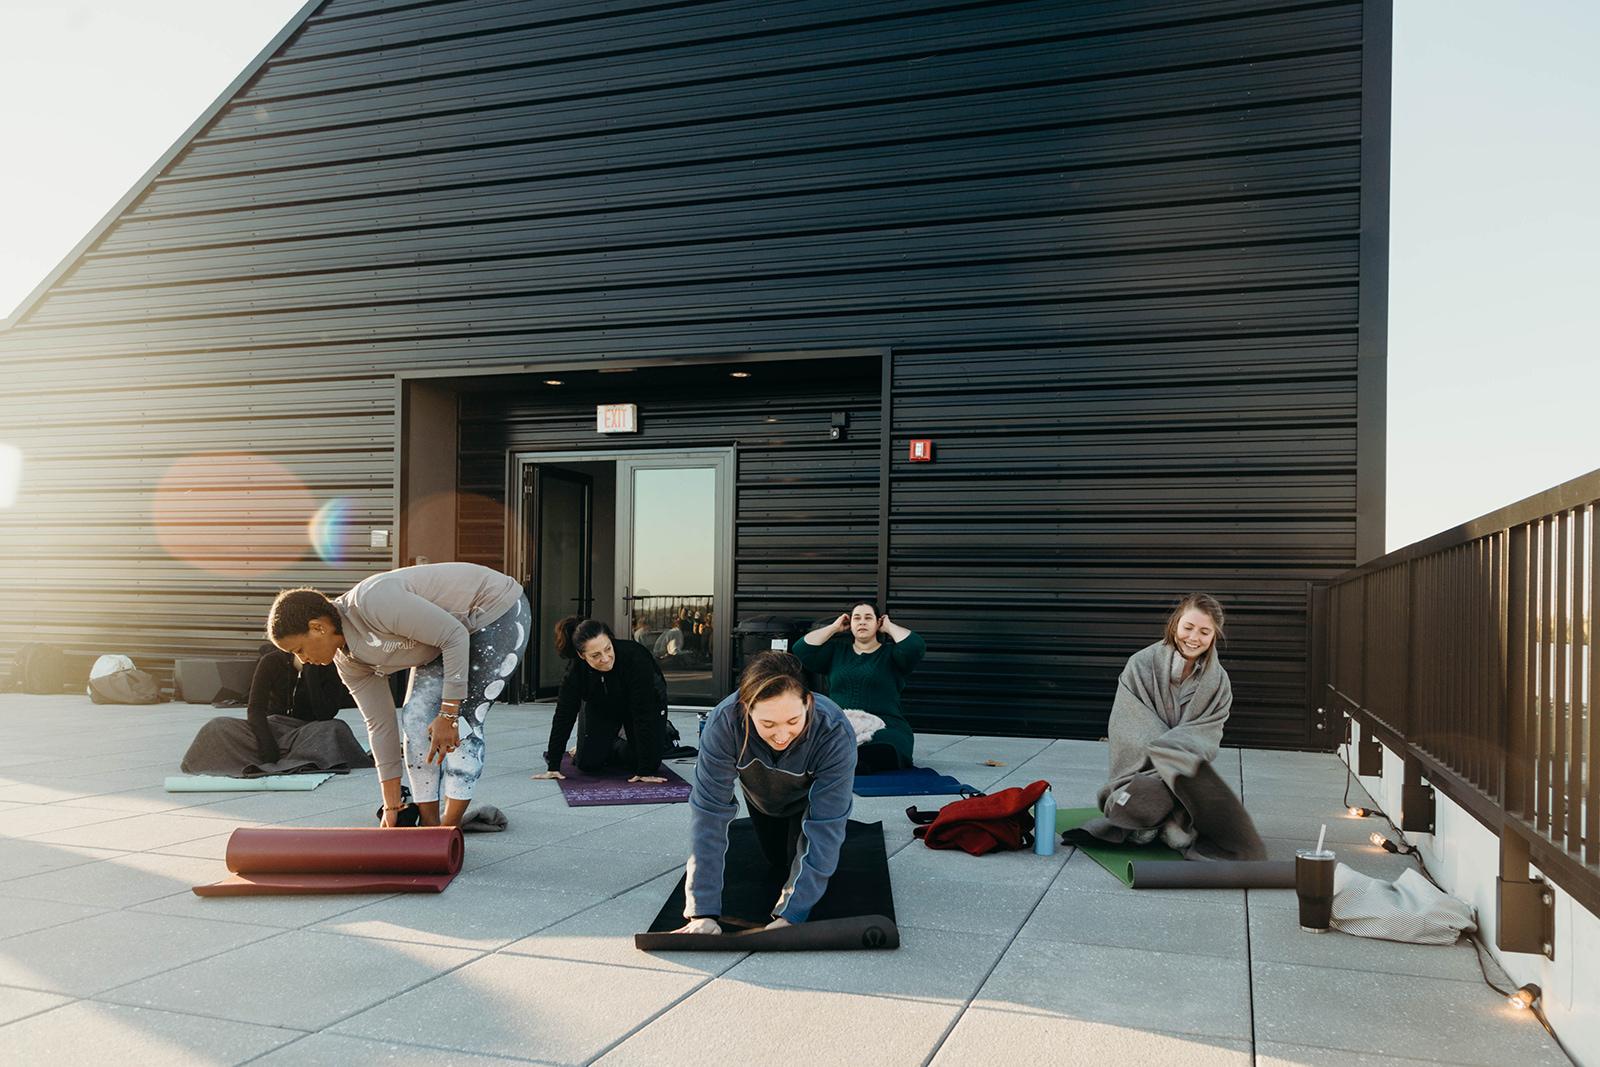 moolit_yoga-6.jpg